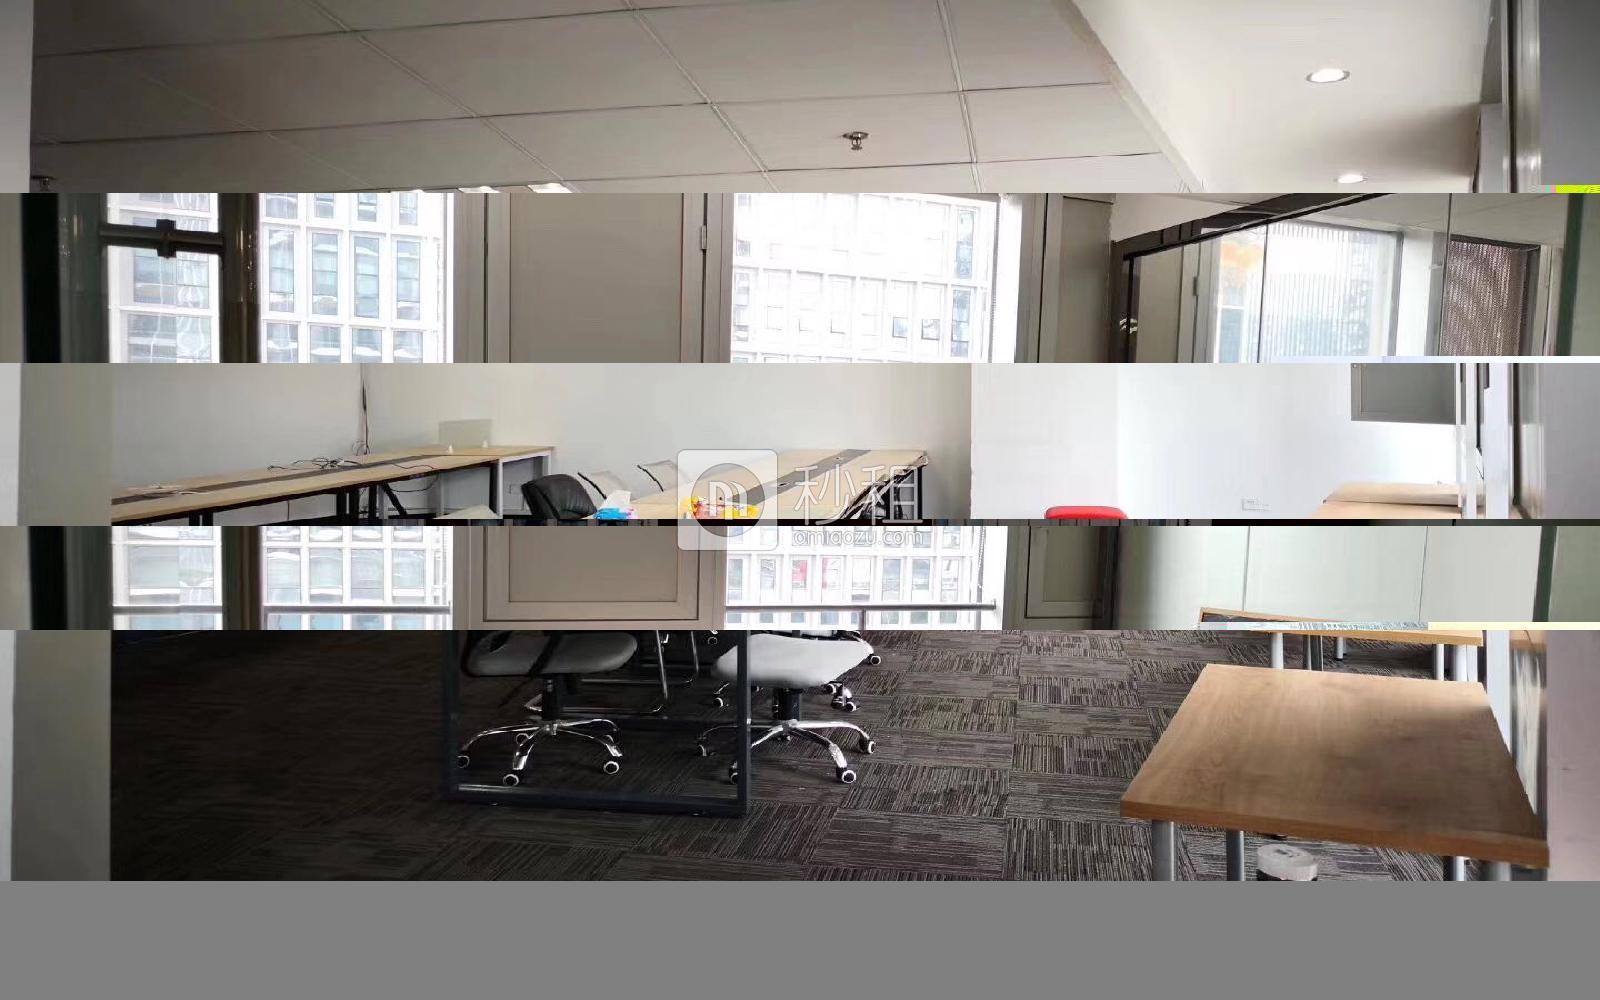 南山-科技园 软件产业基地 218m²